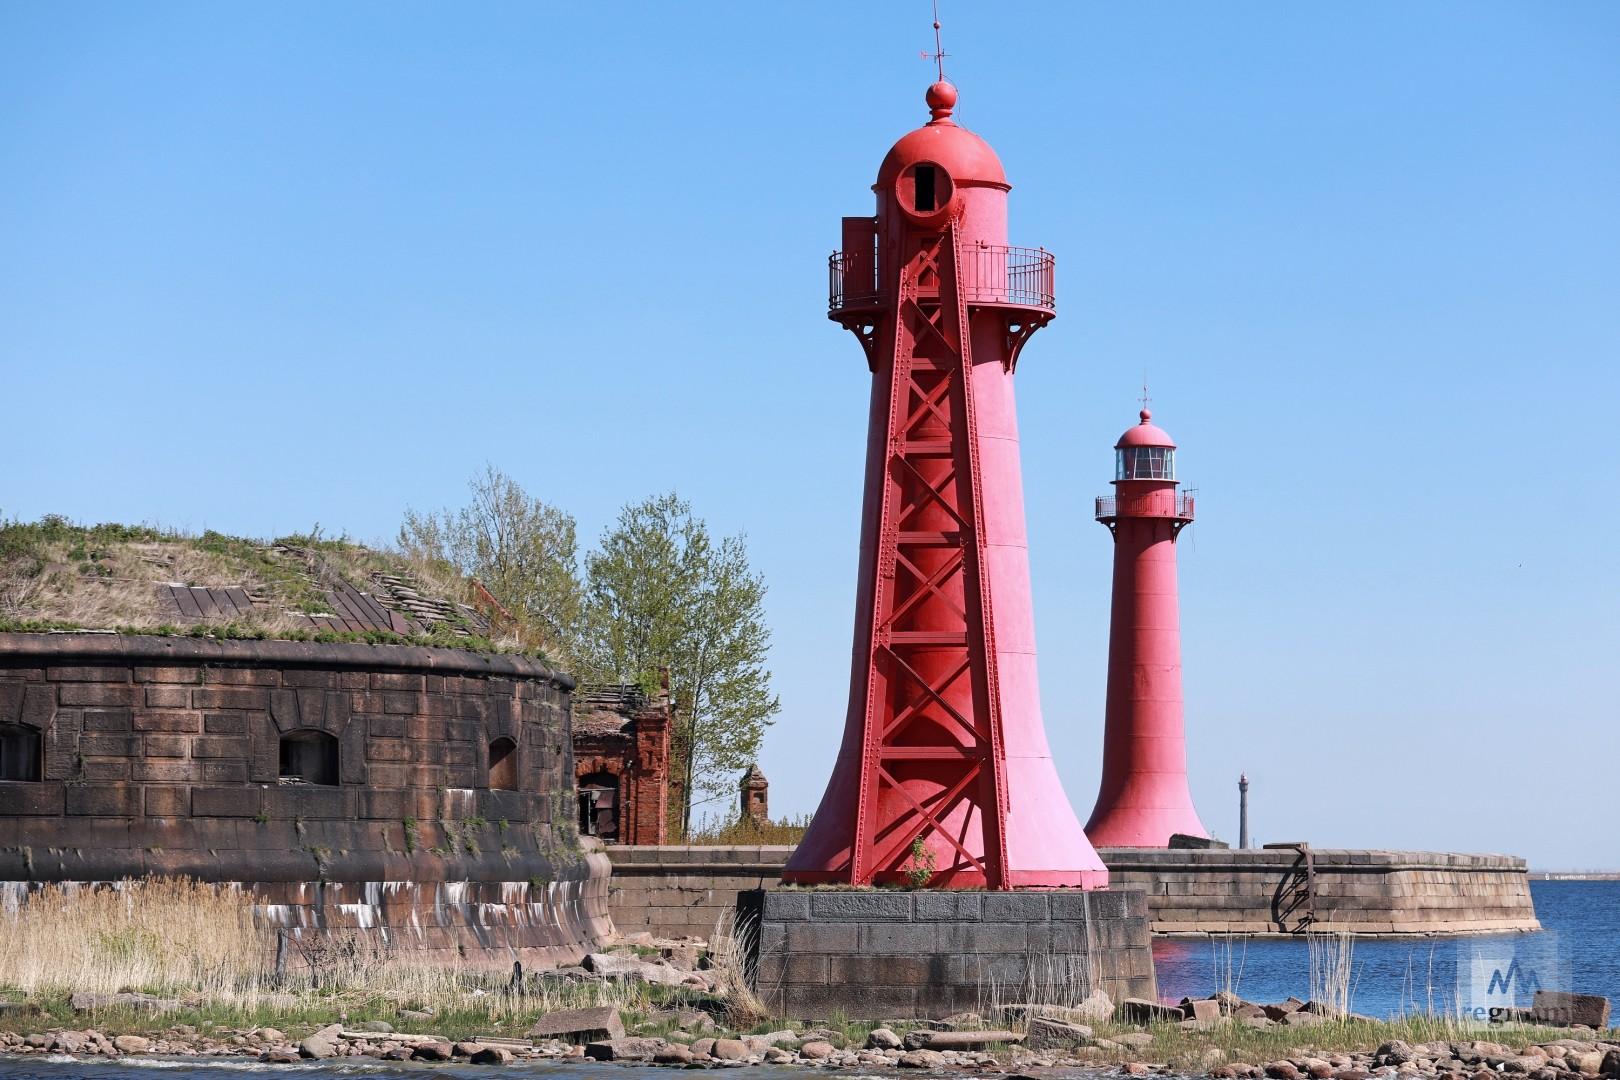 Нижний створный маяк